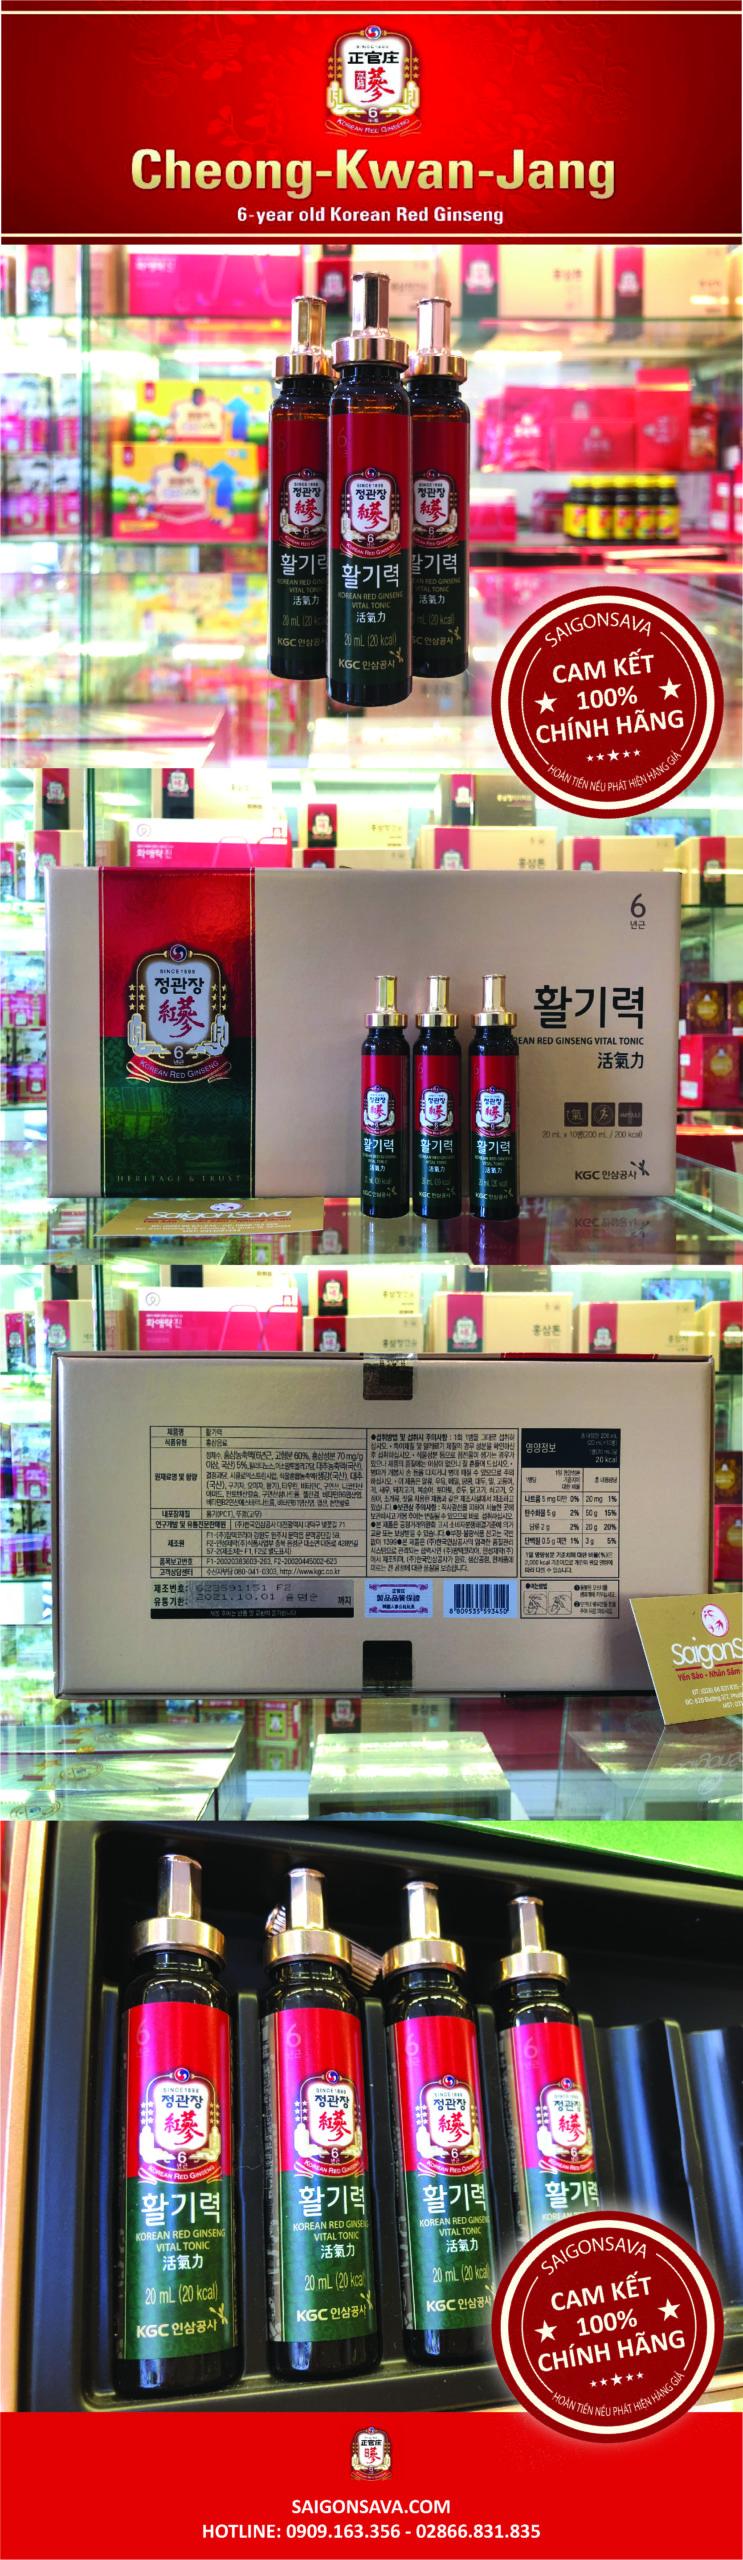 nước hồng sâm vital tonic 10 ống kgc